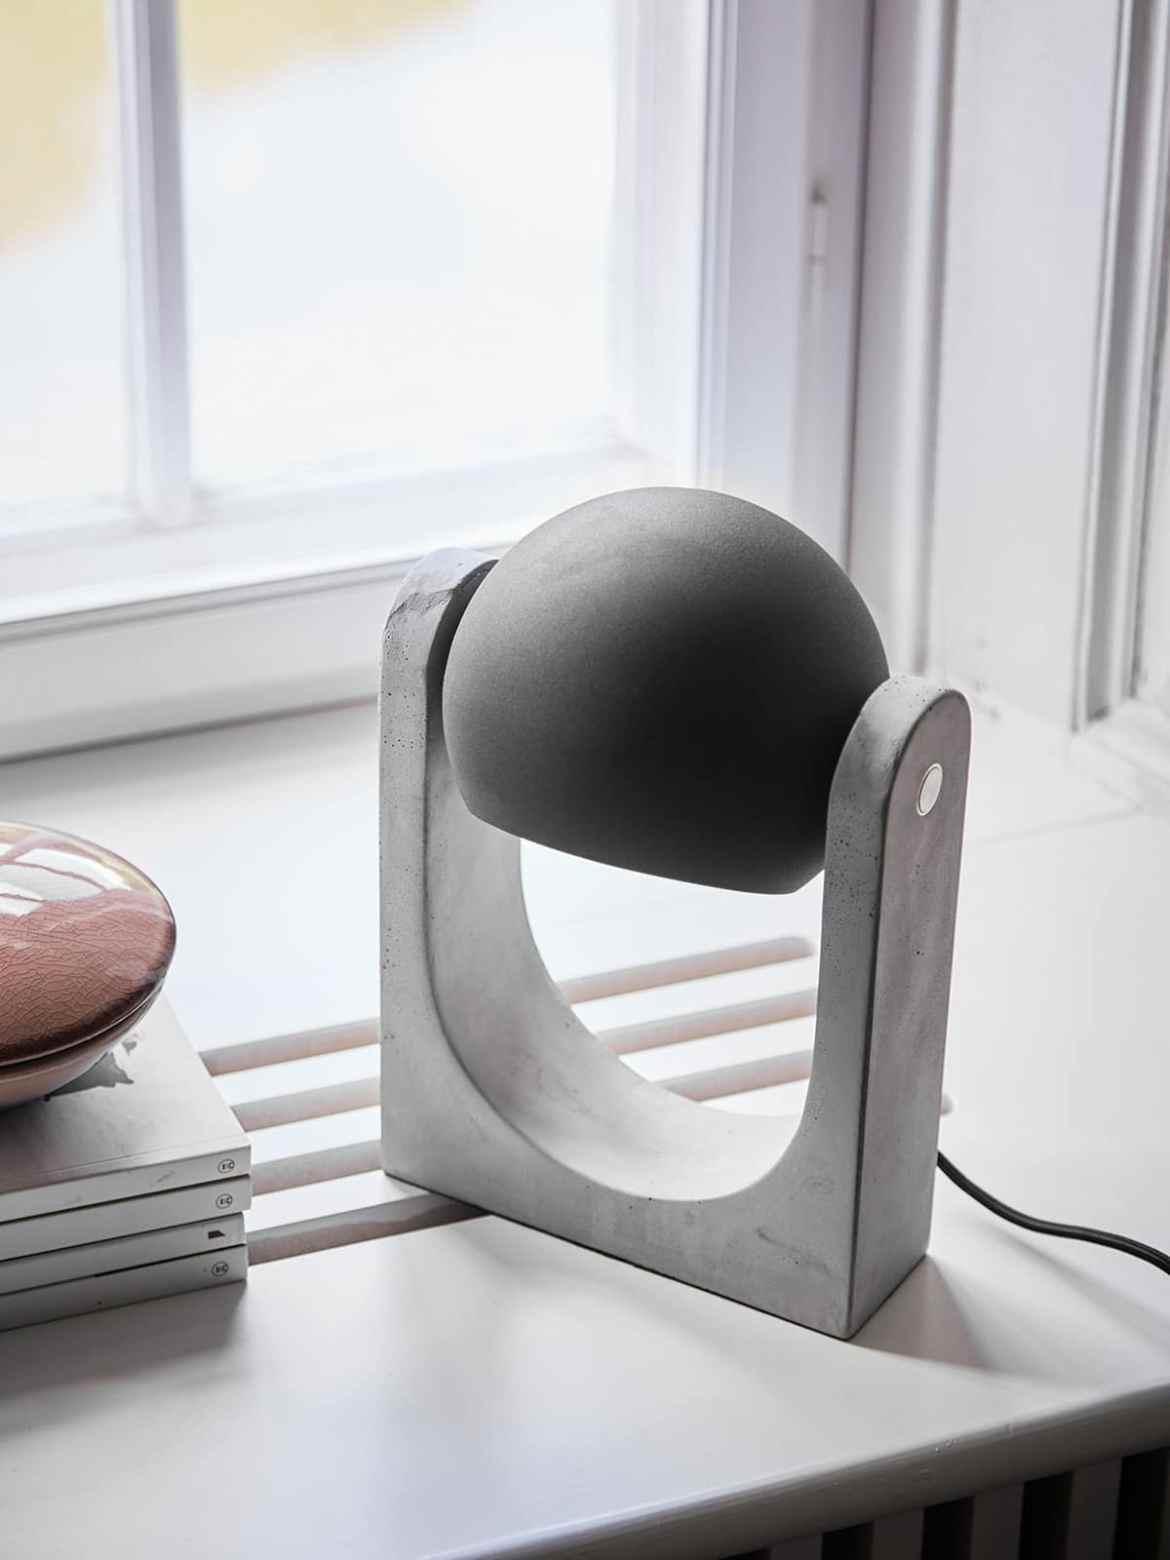 Frandsen Tischlampe Float - neue Lampen